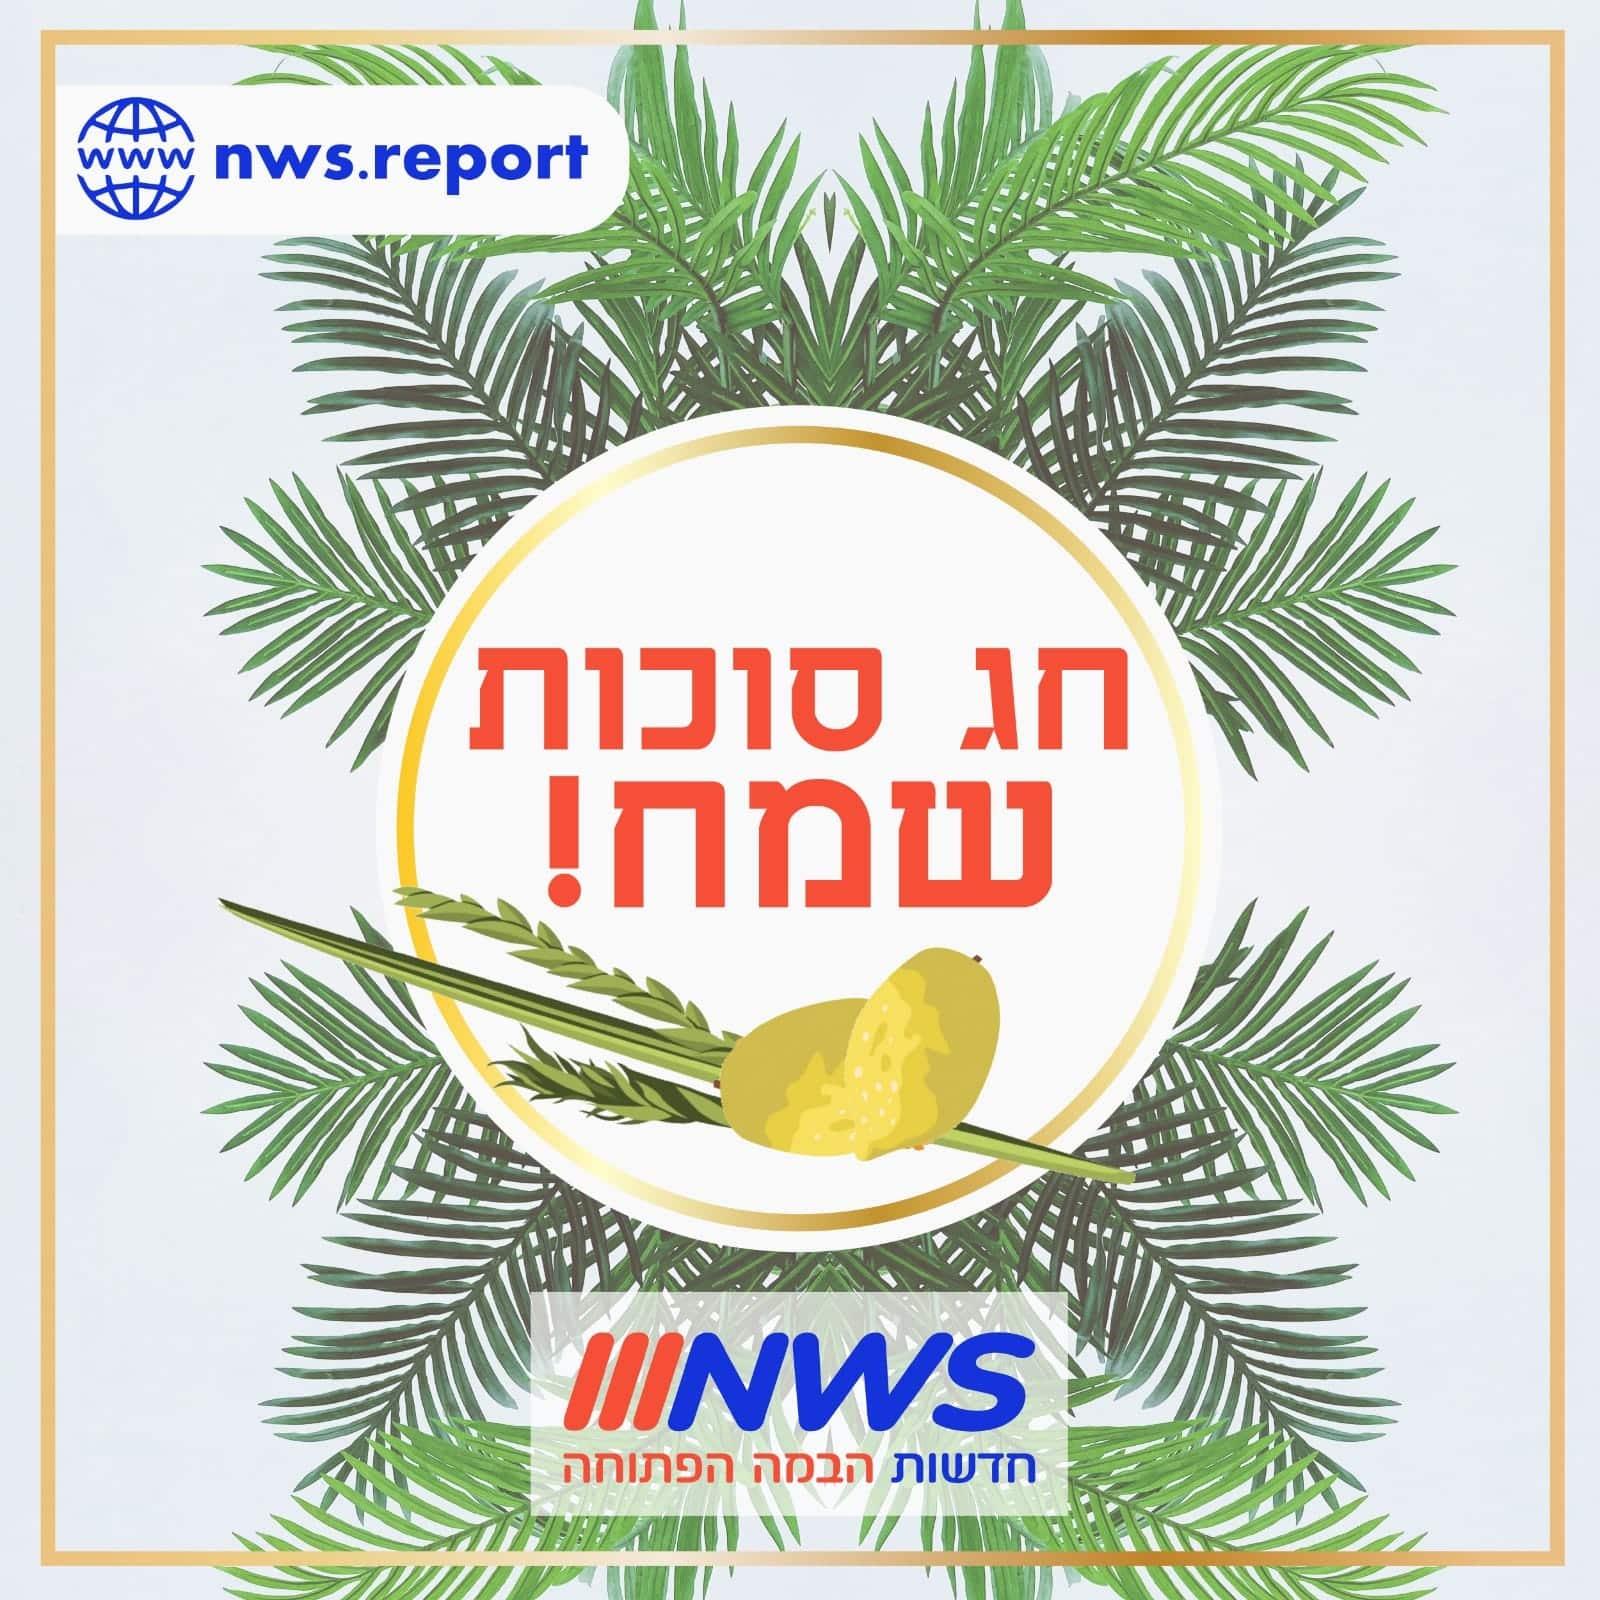 חג סוכות שמח, חדשות NWS